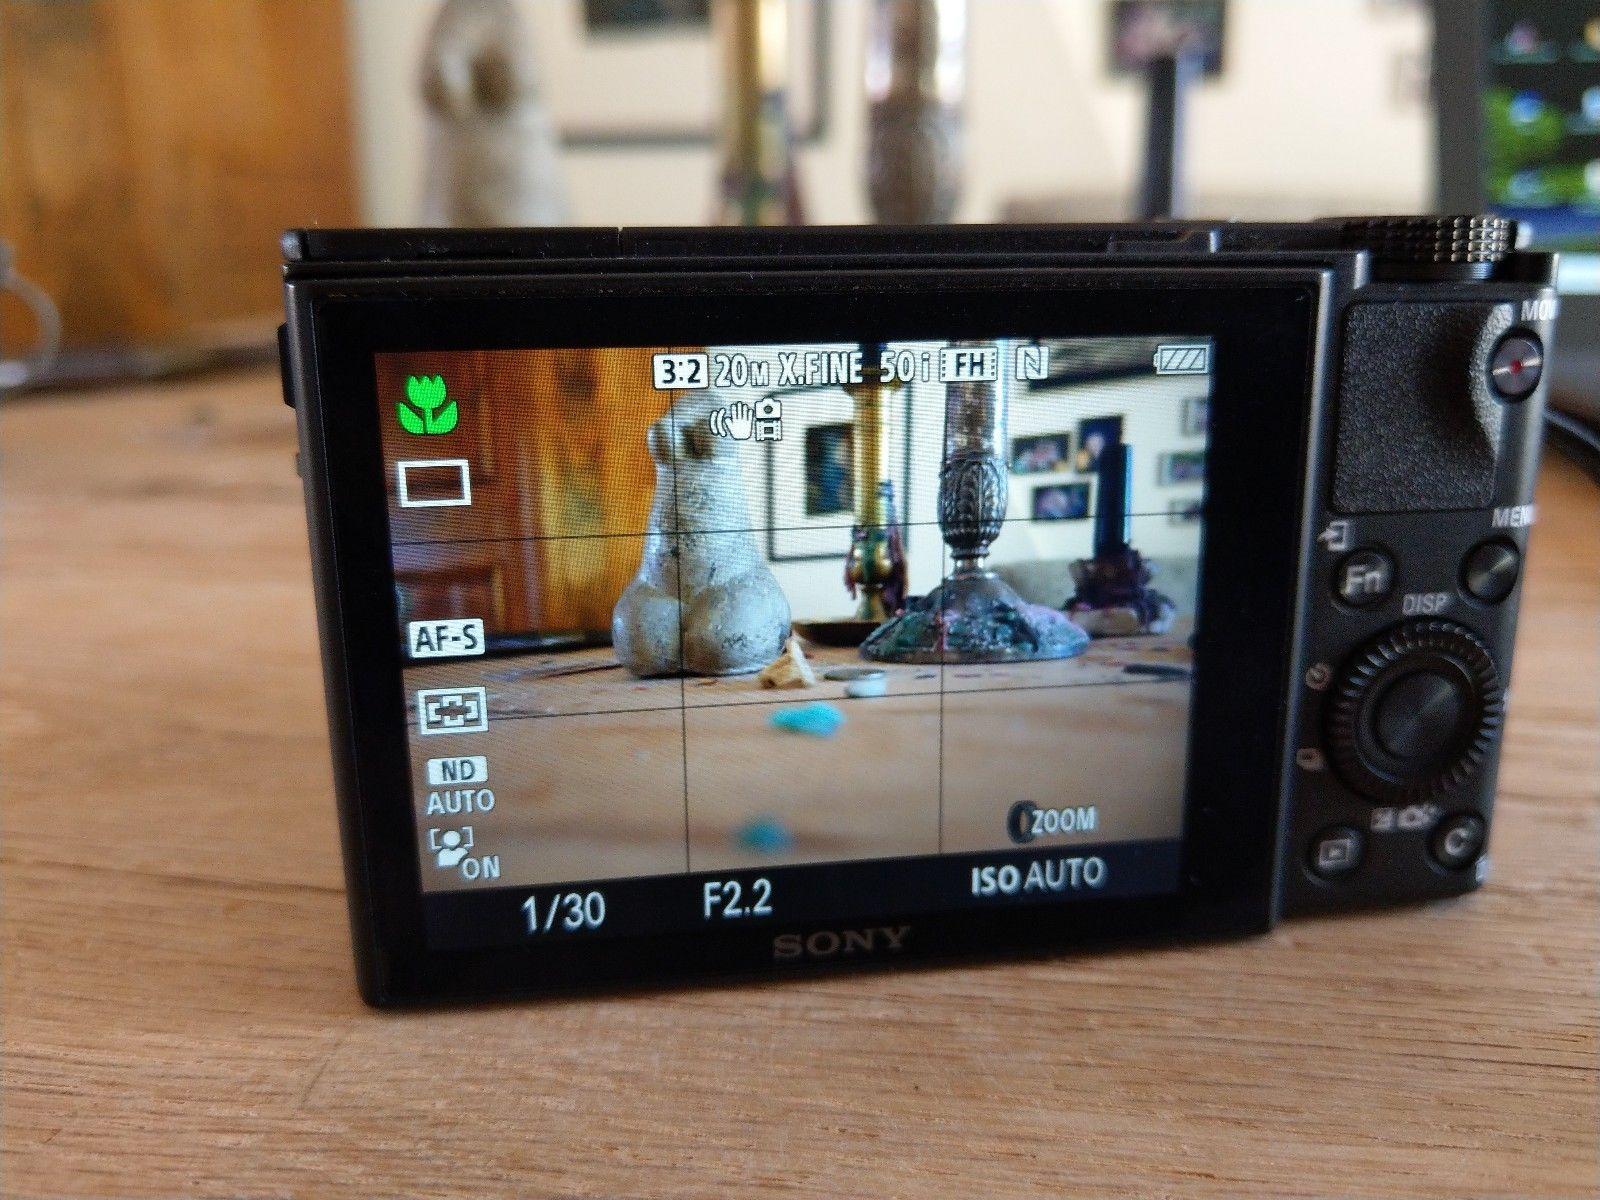 Sony DSC-RX100III Digitalkamera 20.1 Megapixel 3-fach opt. Zoom FullHD WiFi/NFC